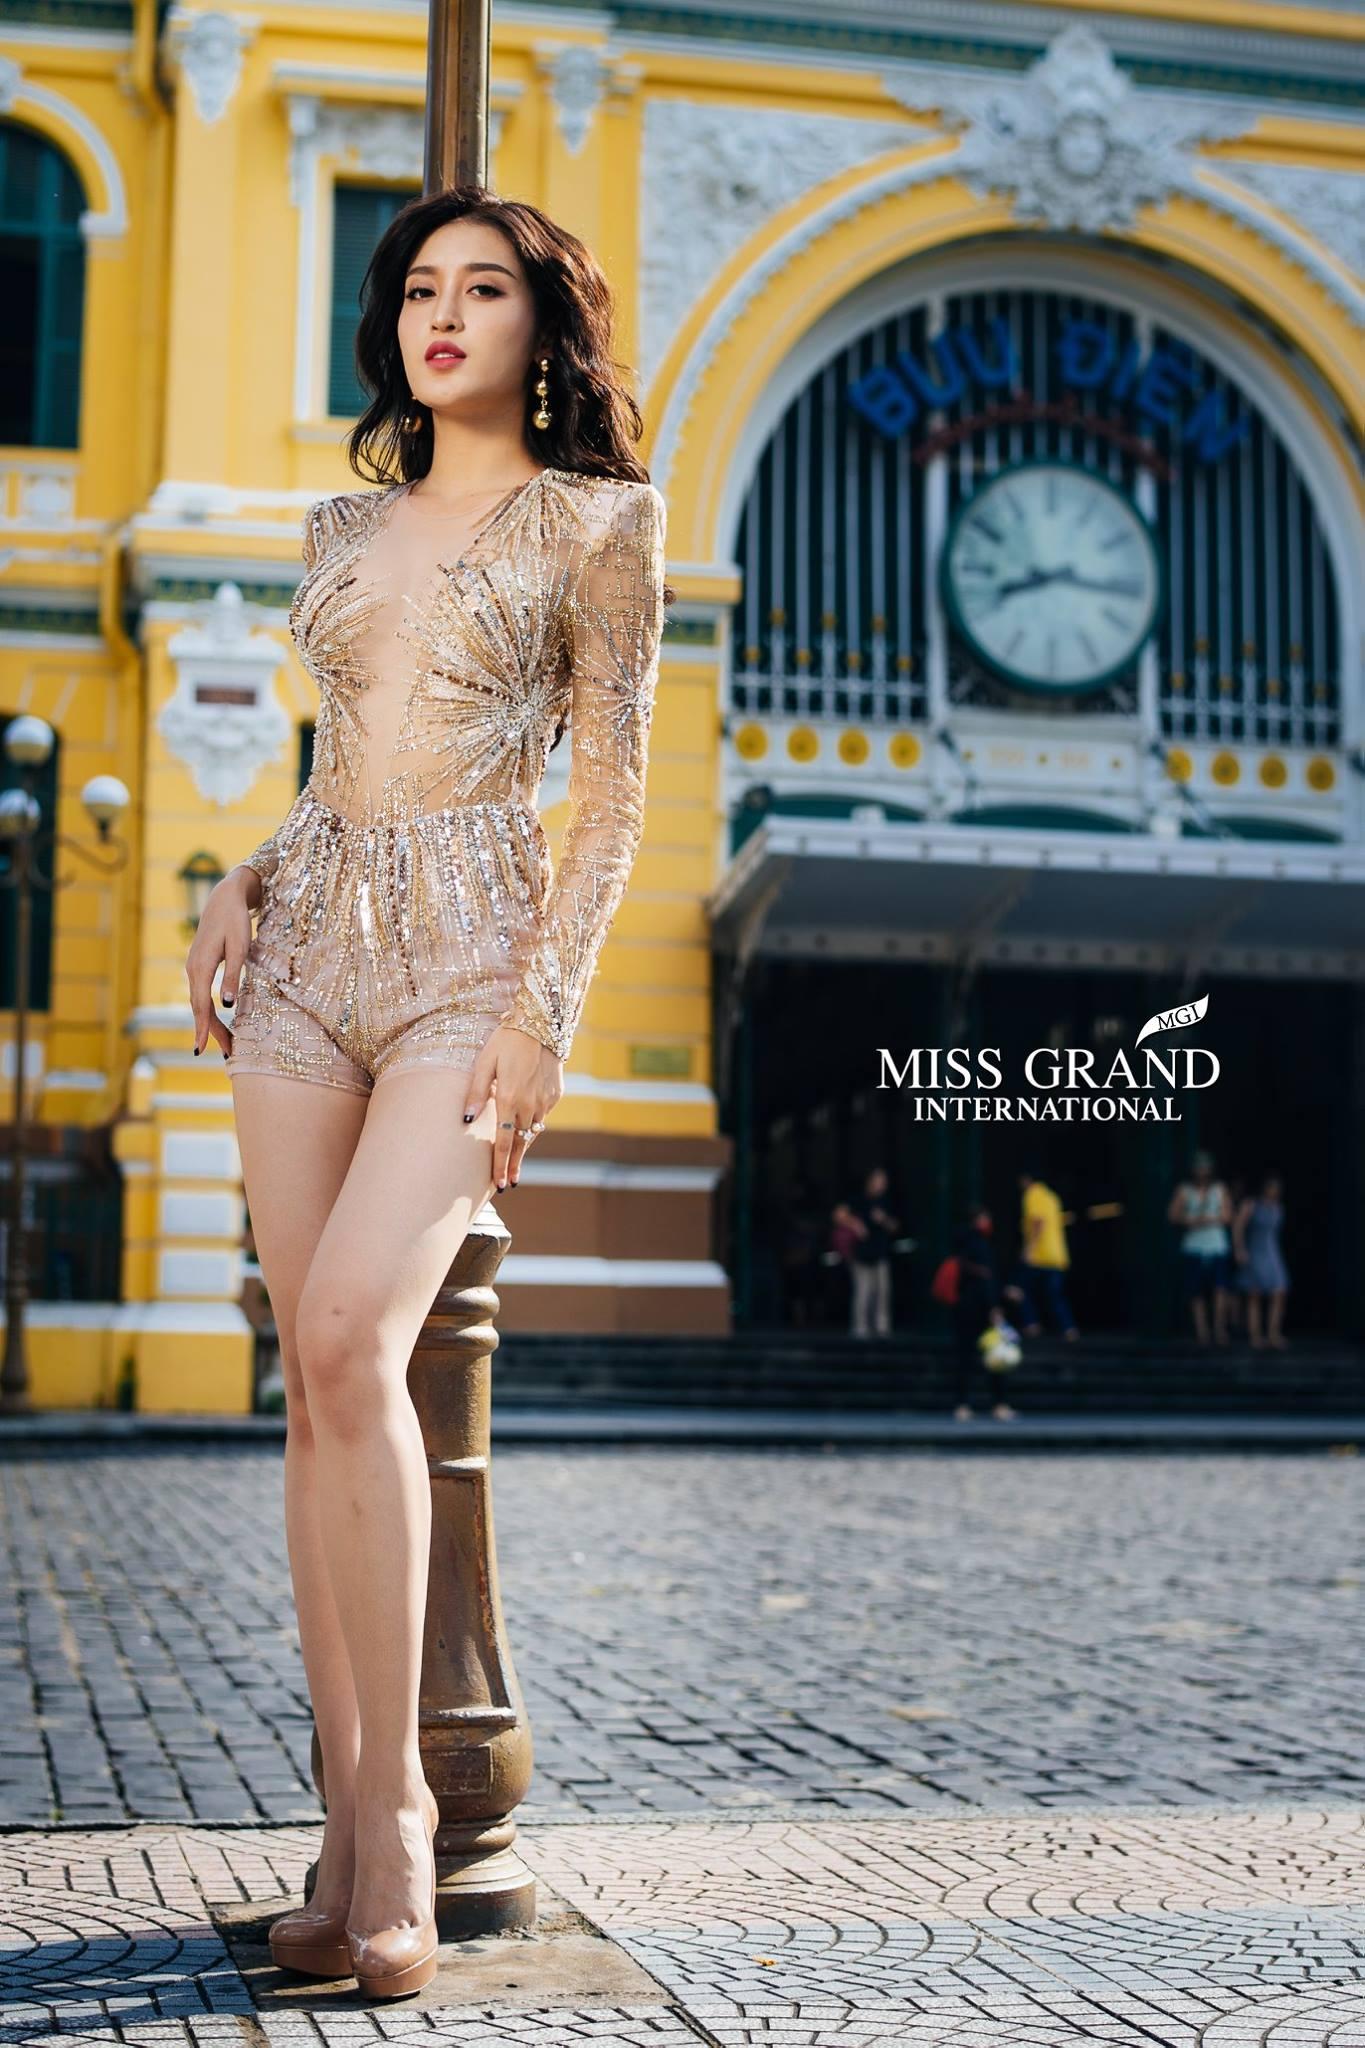 Sao BTC Miss Grand International lại nỡ bắt các người đẹp phải nghiêng thùng đổ chảo đứng bên cột đèn tạo dáng khó thế này? - Ảnh 1.